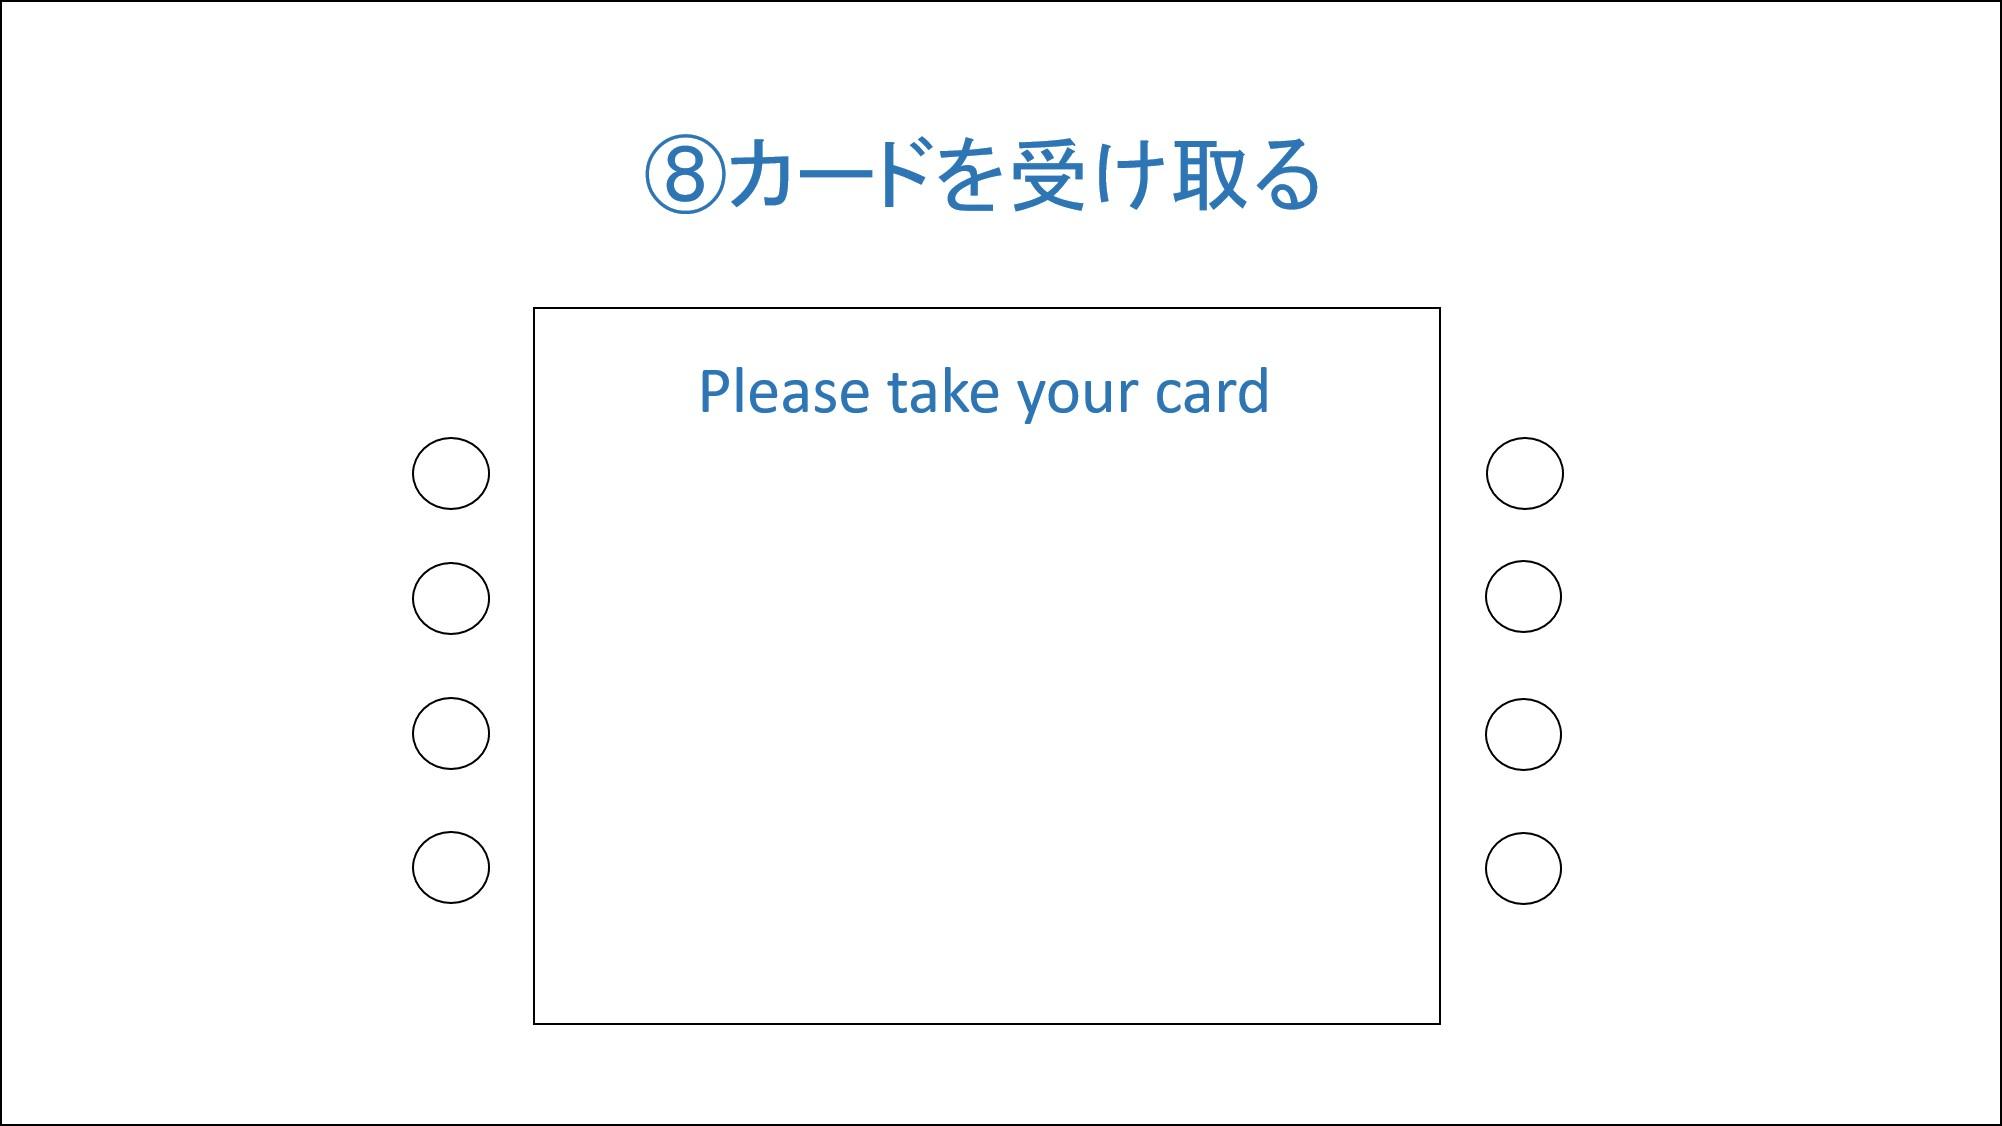 カードを取る